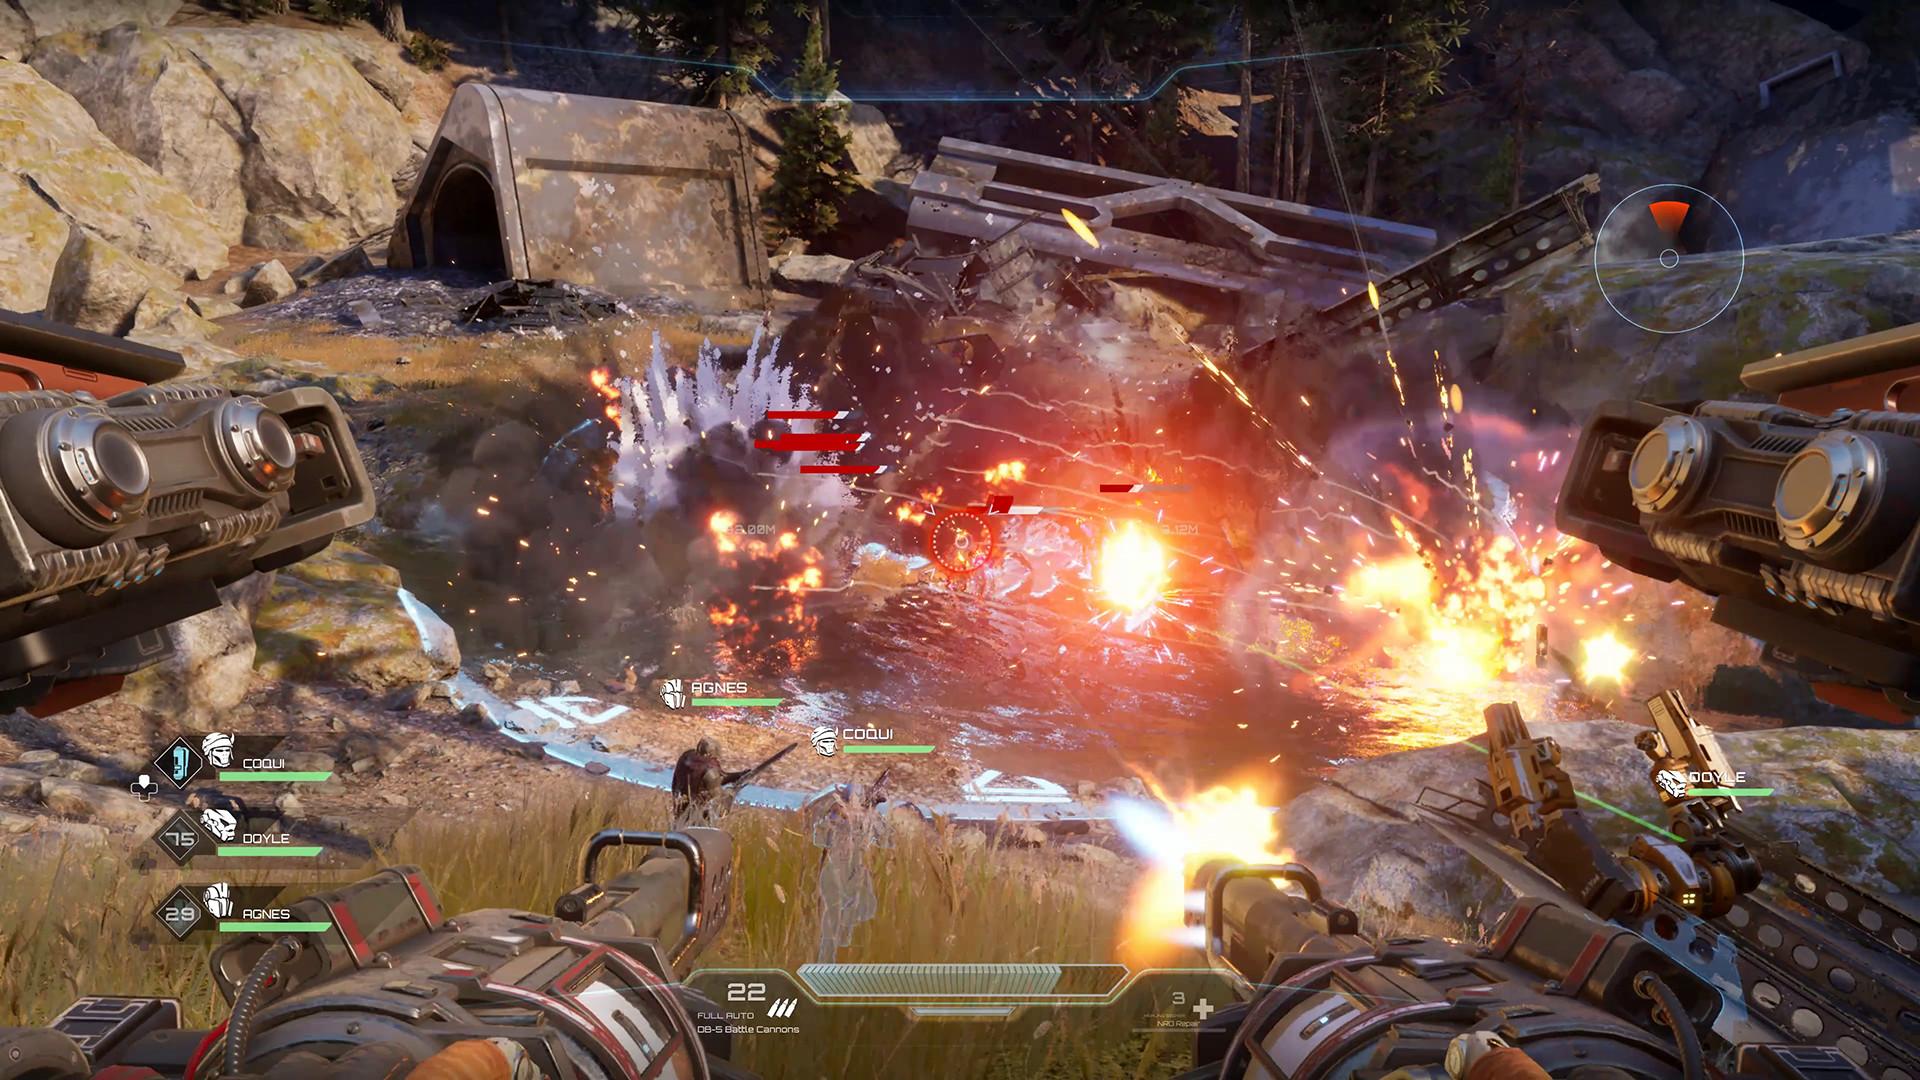 光环创始人打造科幻机甲FPS《崩解》Steam开启预购 国区售价179元